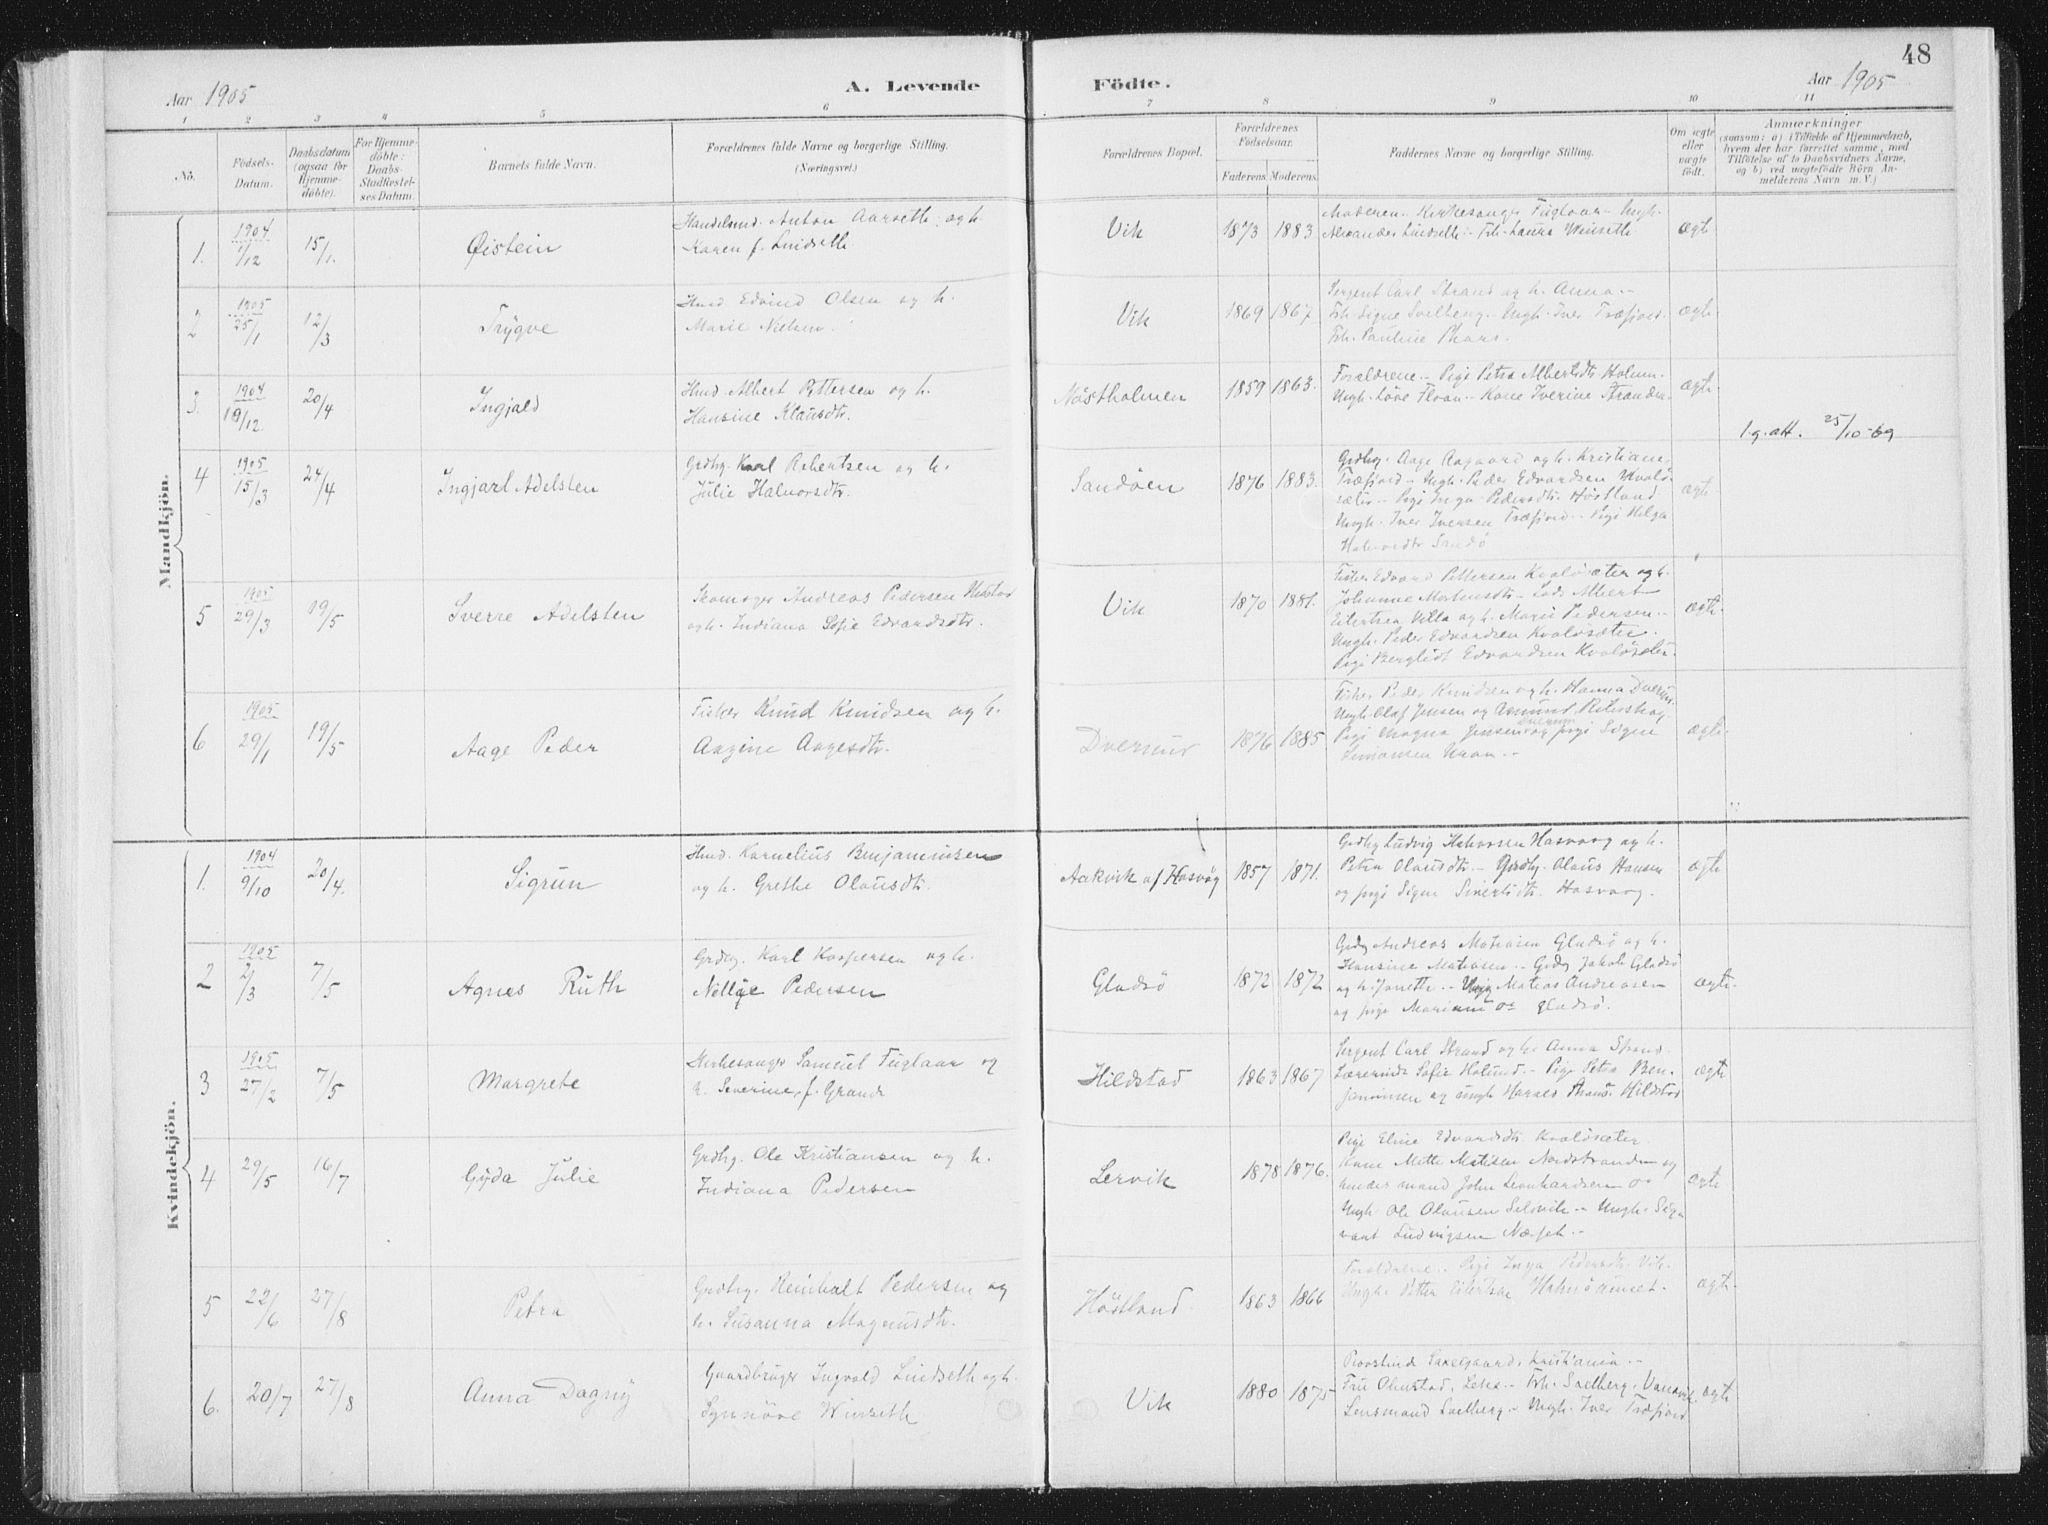 SAT, Ministerialprotokoller, klokkerbøker og fødselsregistre - Nord-Trøndelag, 771/L0597: Ministerialbok nr. 771A04, 1885-1910, s. 48